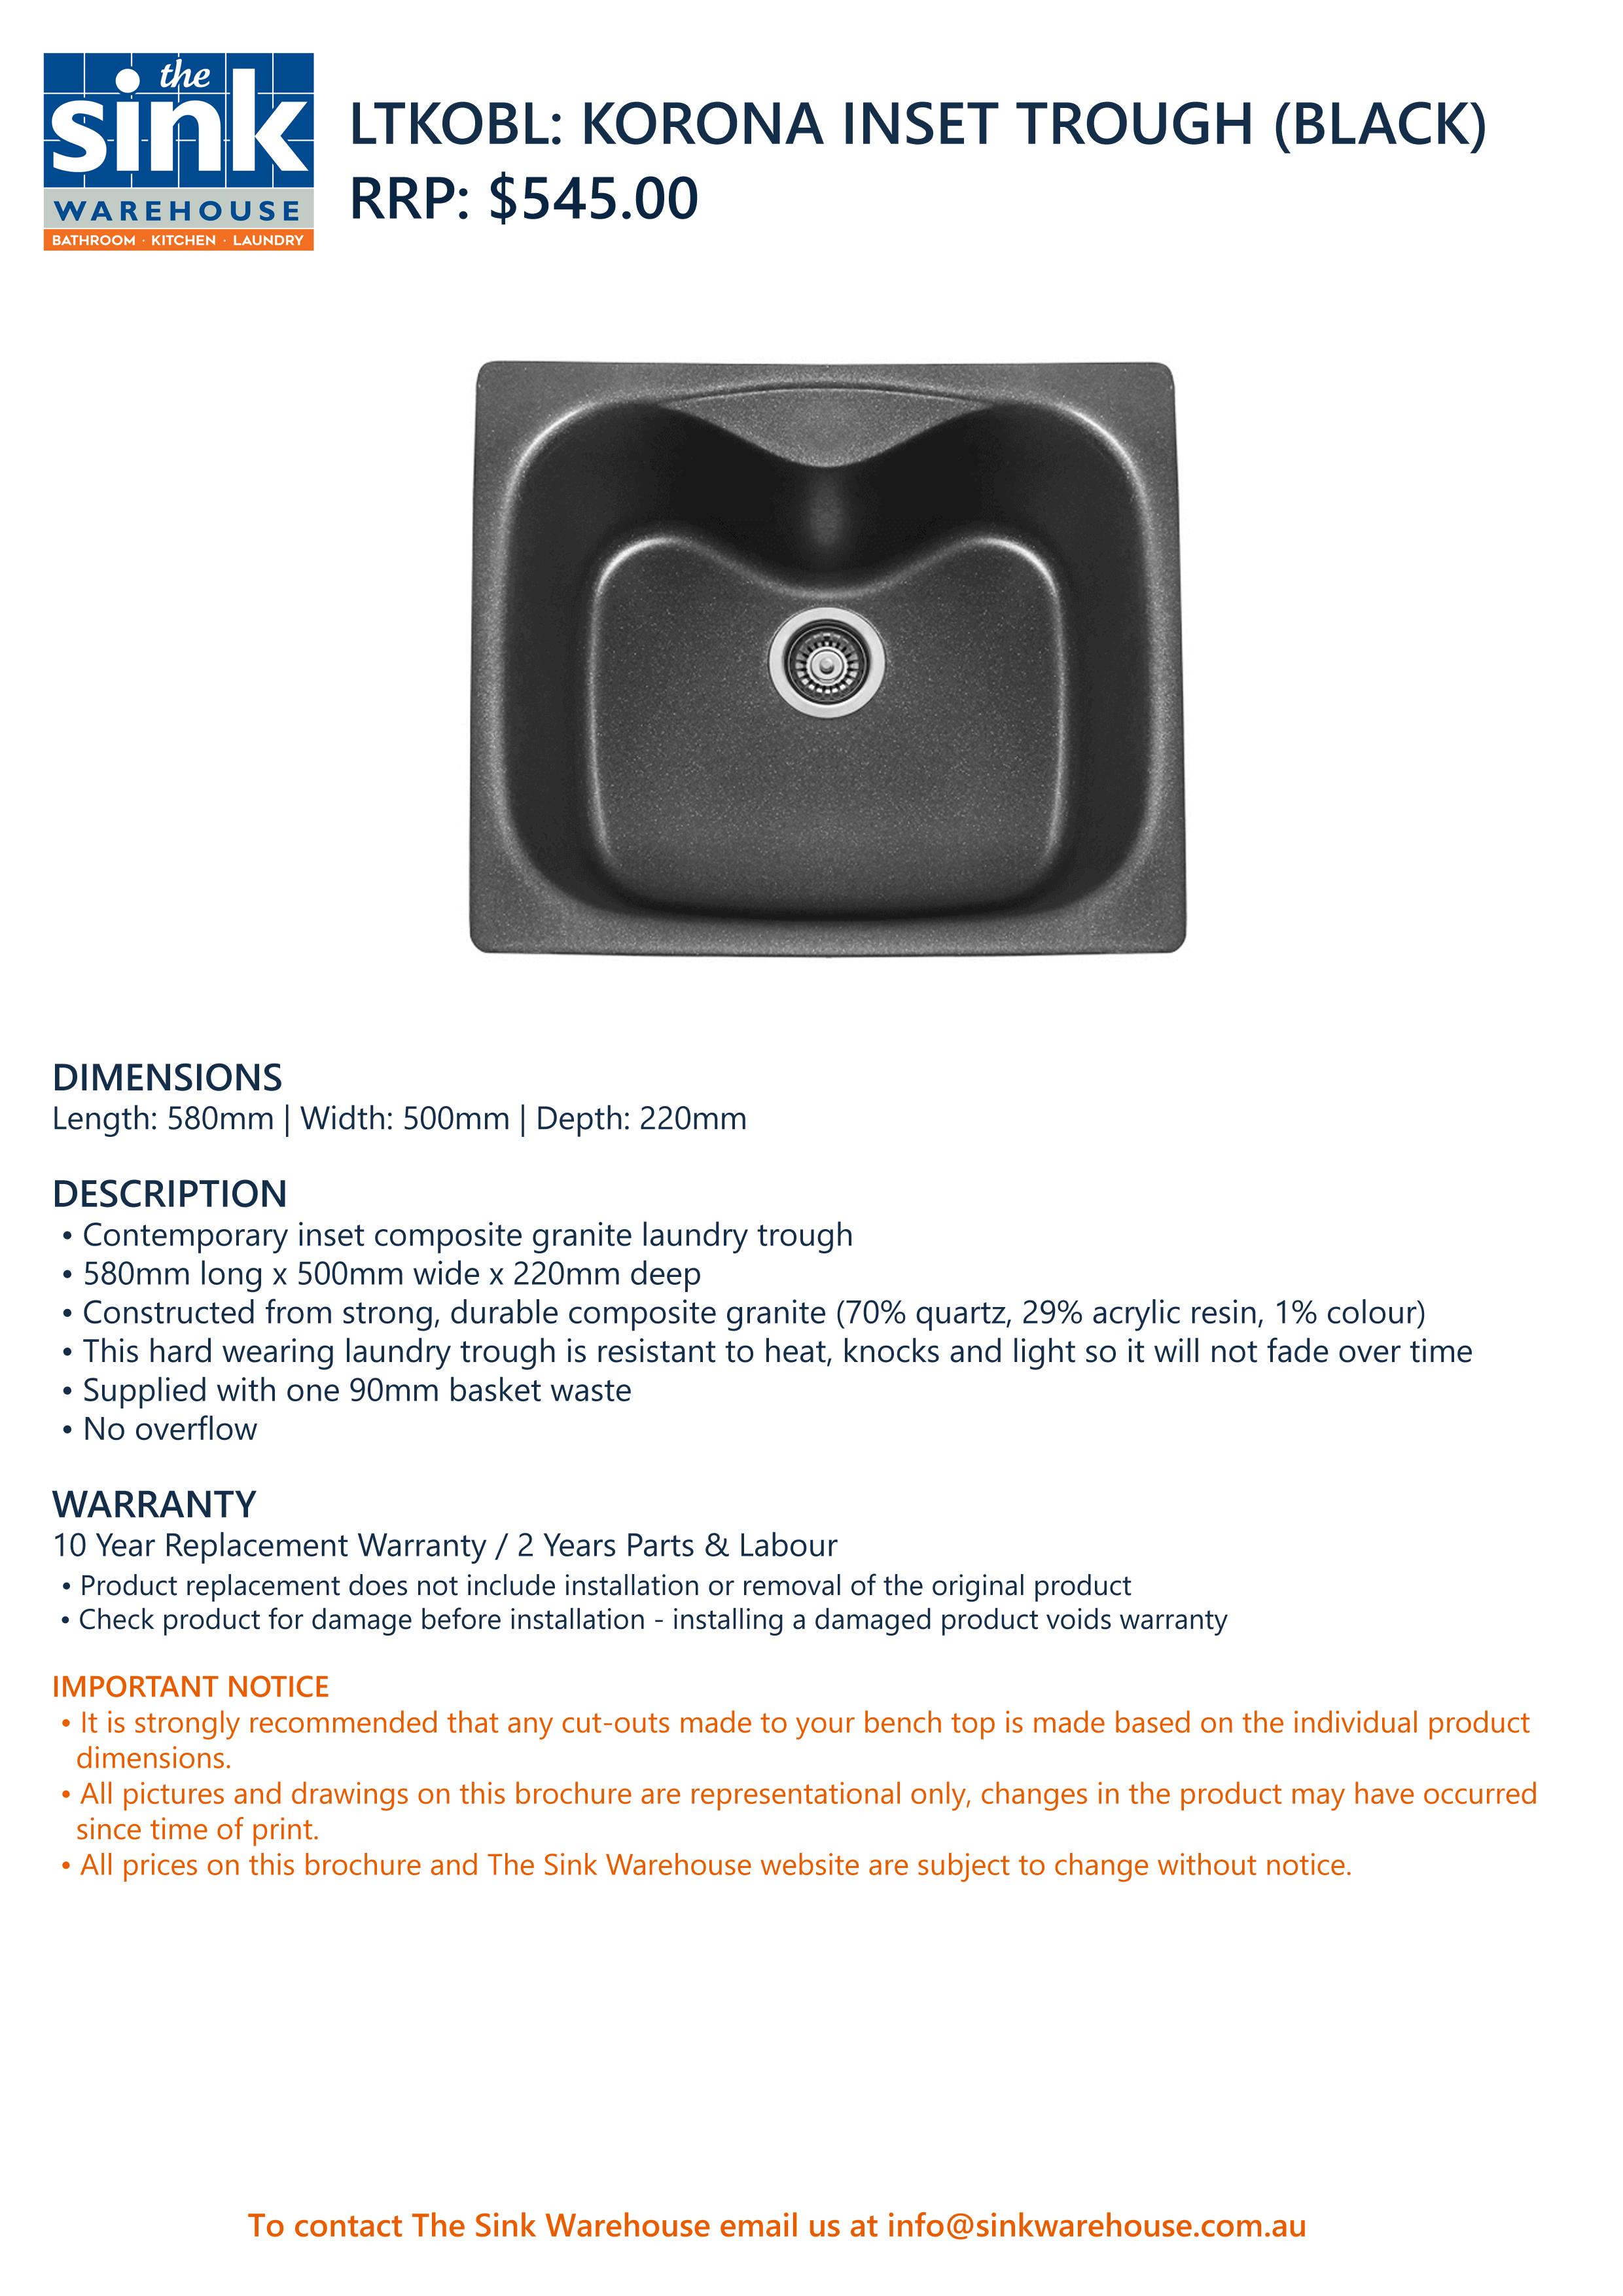 ltkobl-updated-20-05-19-.png